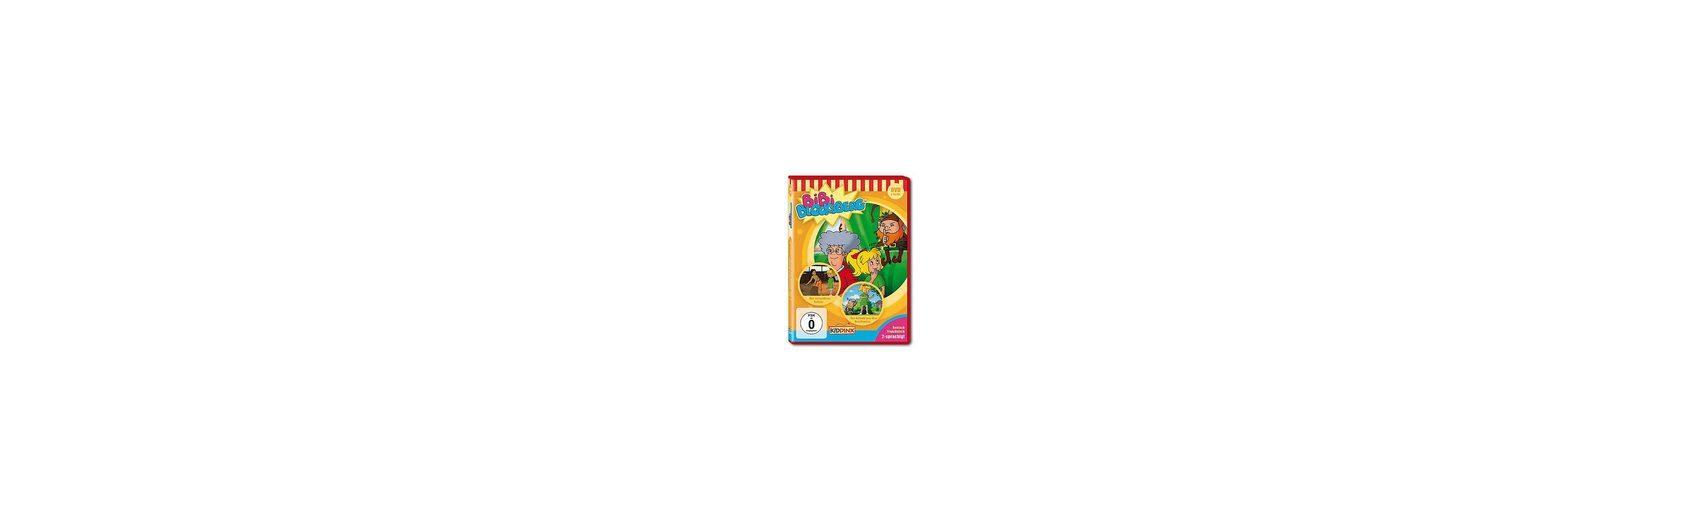 Kiddinx DVD Bibi Blocksberg - Der versunkene Schatz / Kobold aus dem